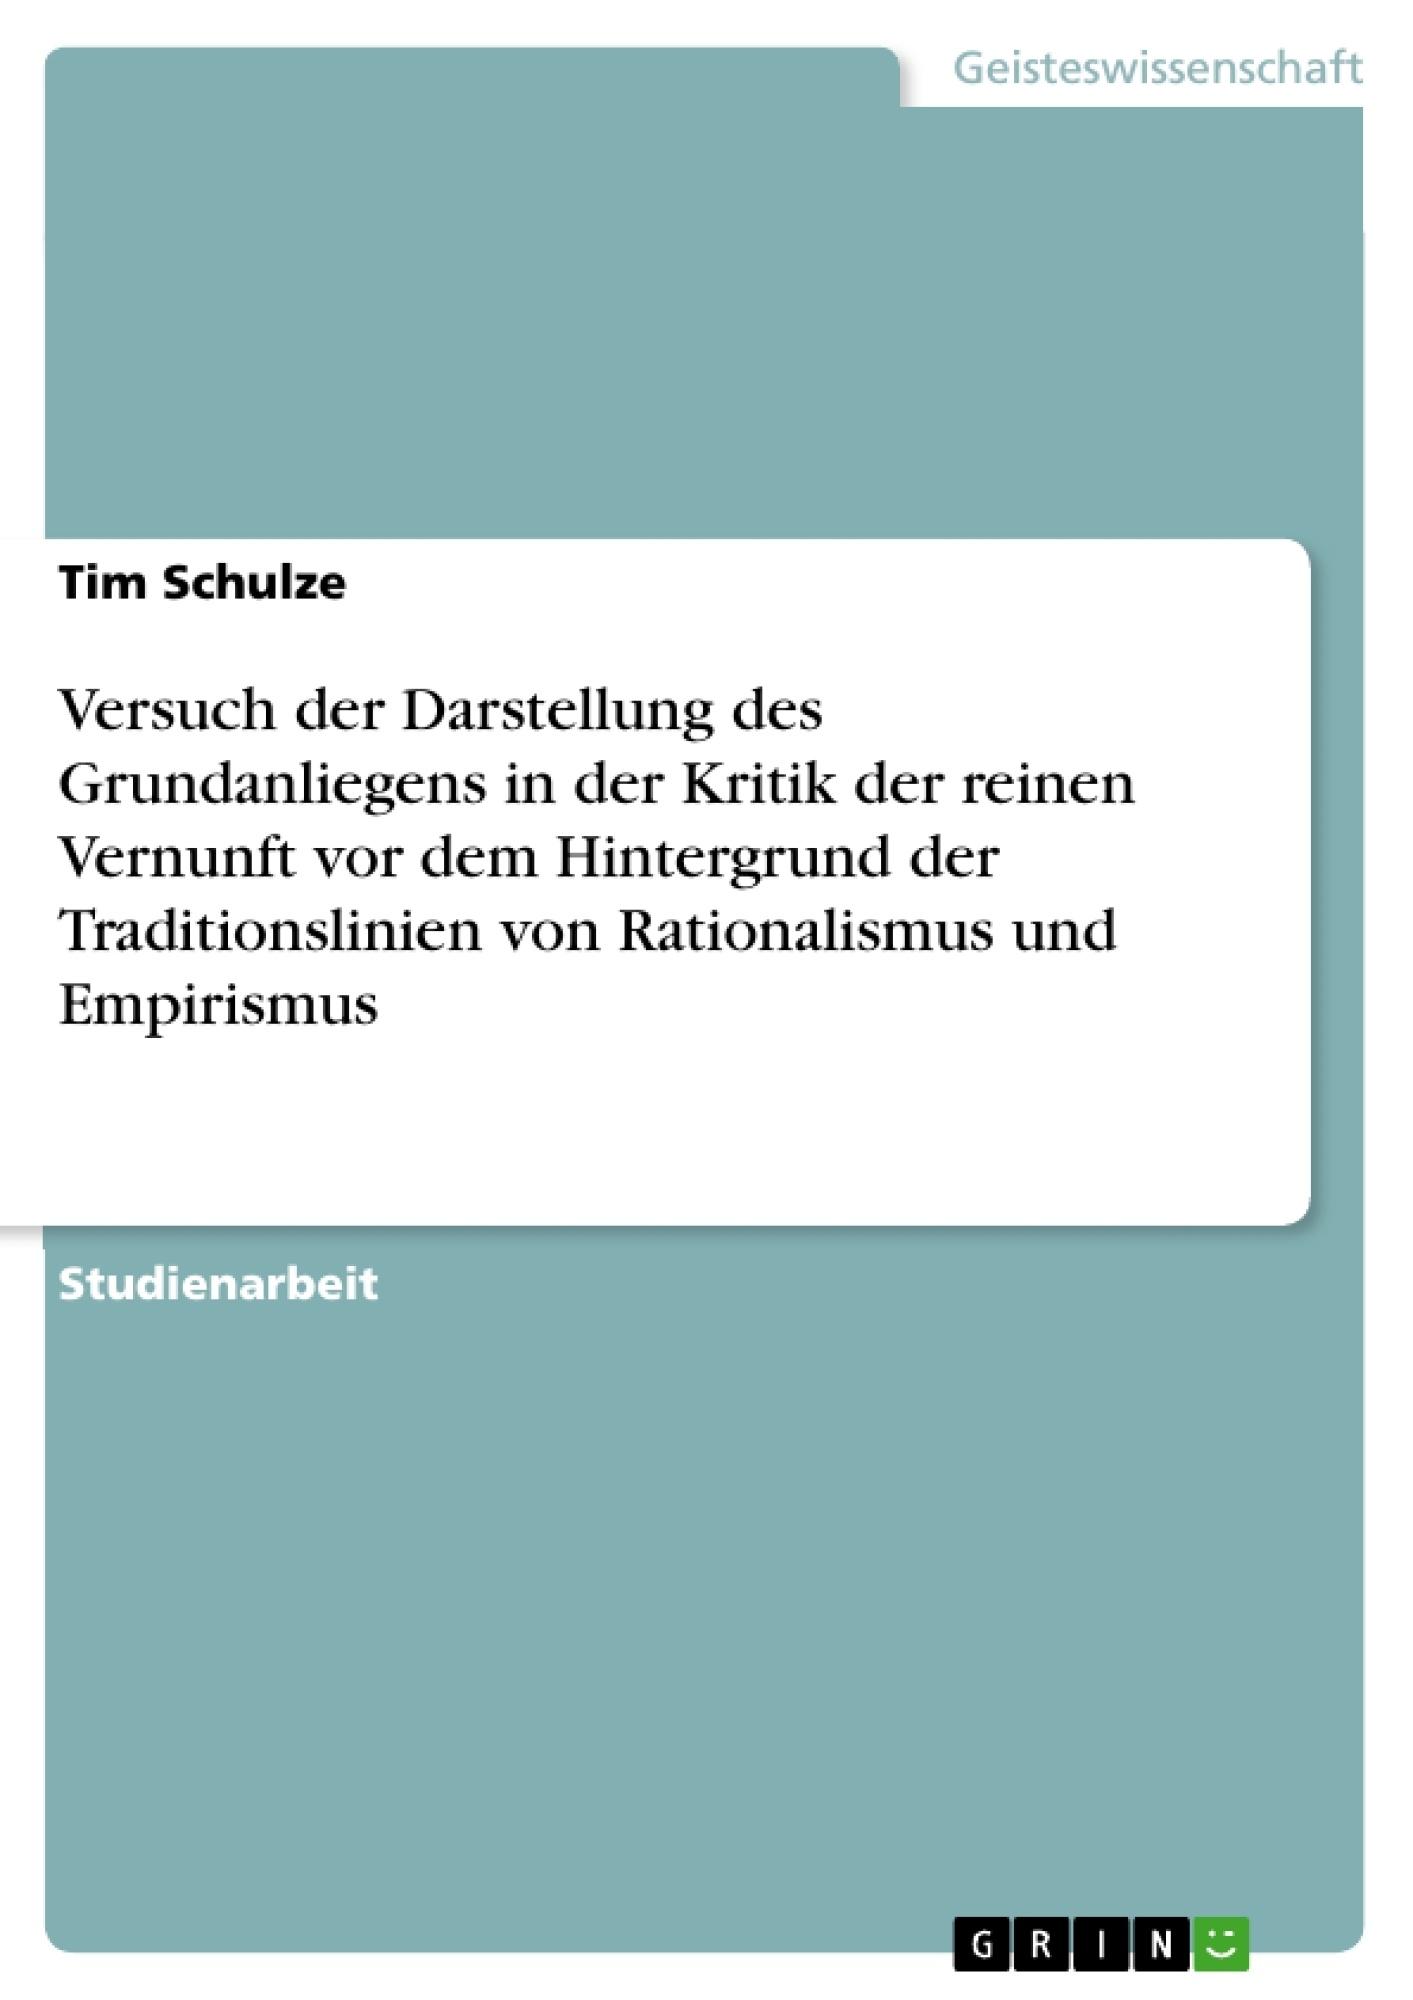 Titel: Versuch der Darstellung des Grundanliegens in der Kritik  der reinen Vernunft vor dem Hintergrund der Traditionslinien von Rationalismus und Empirismus